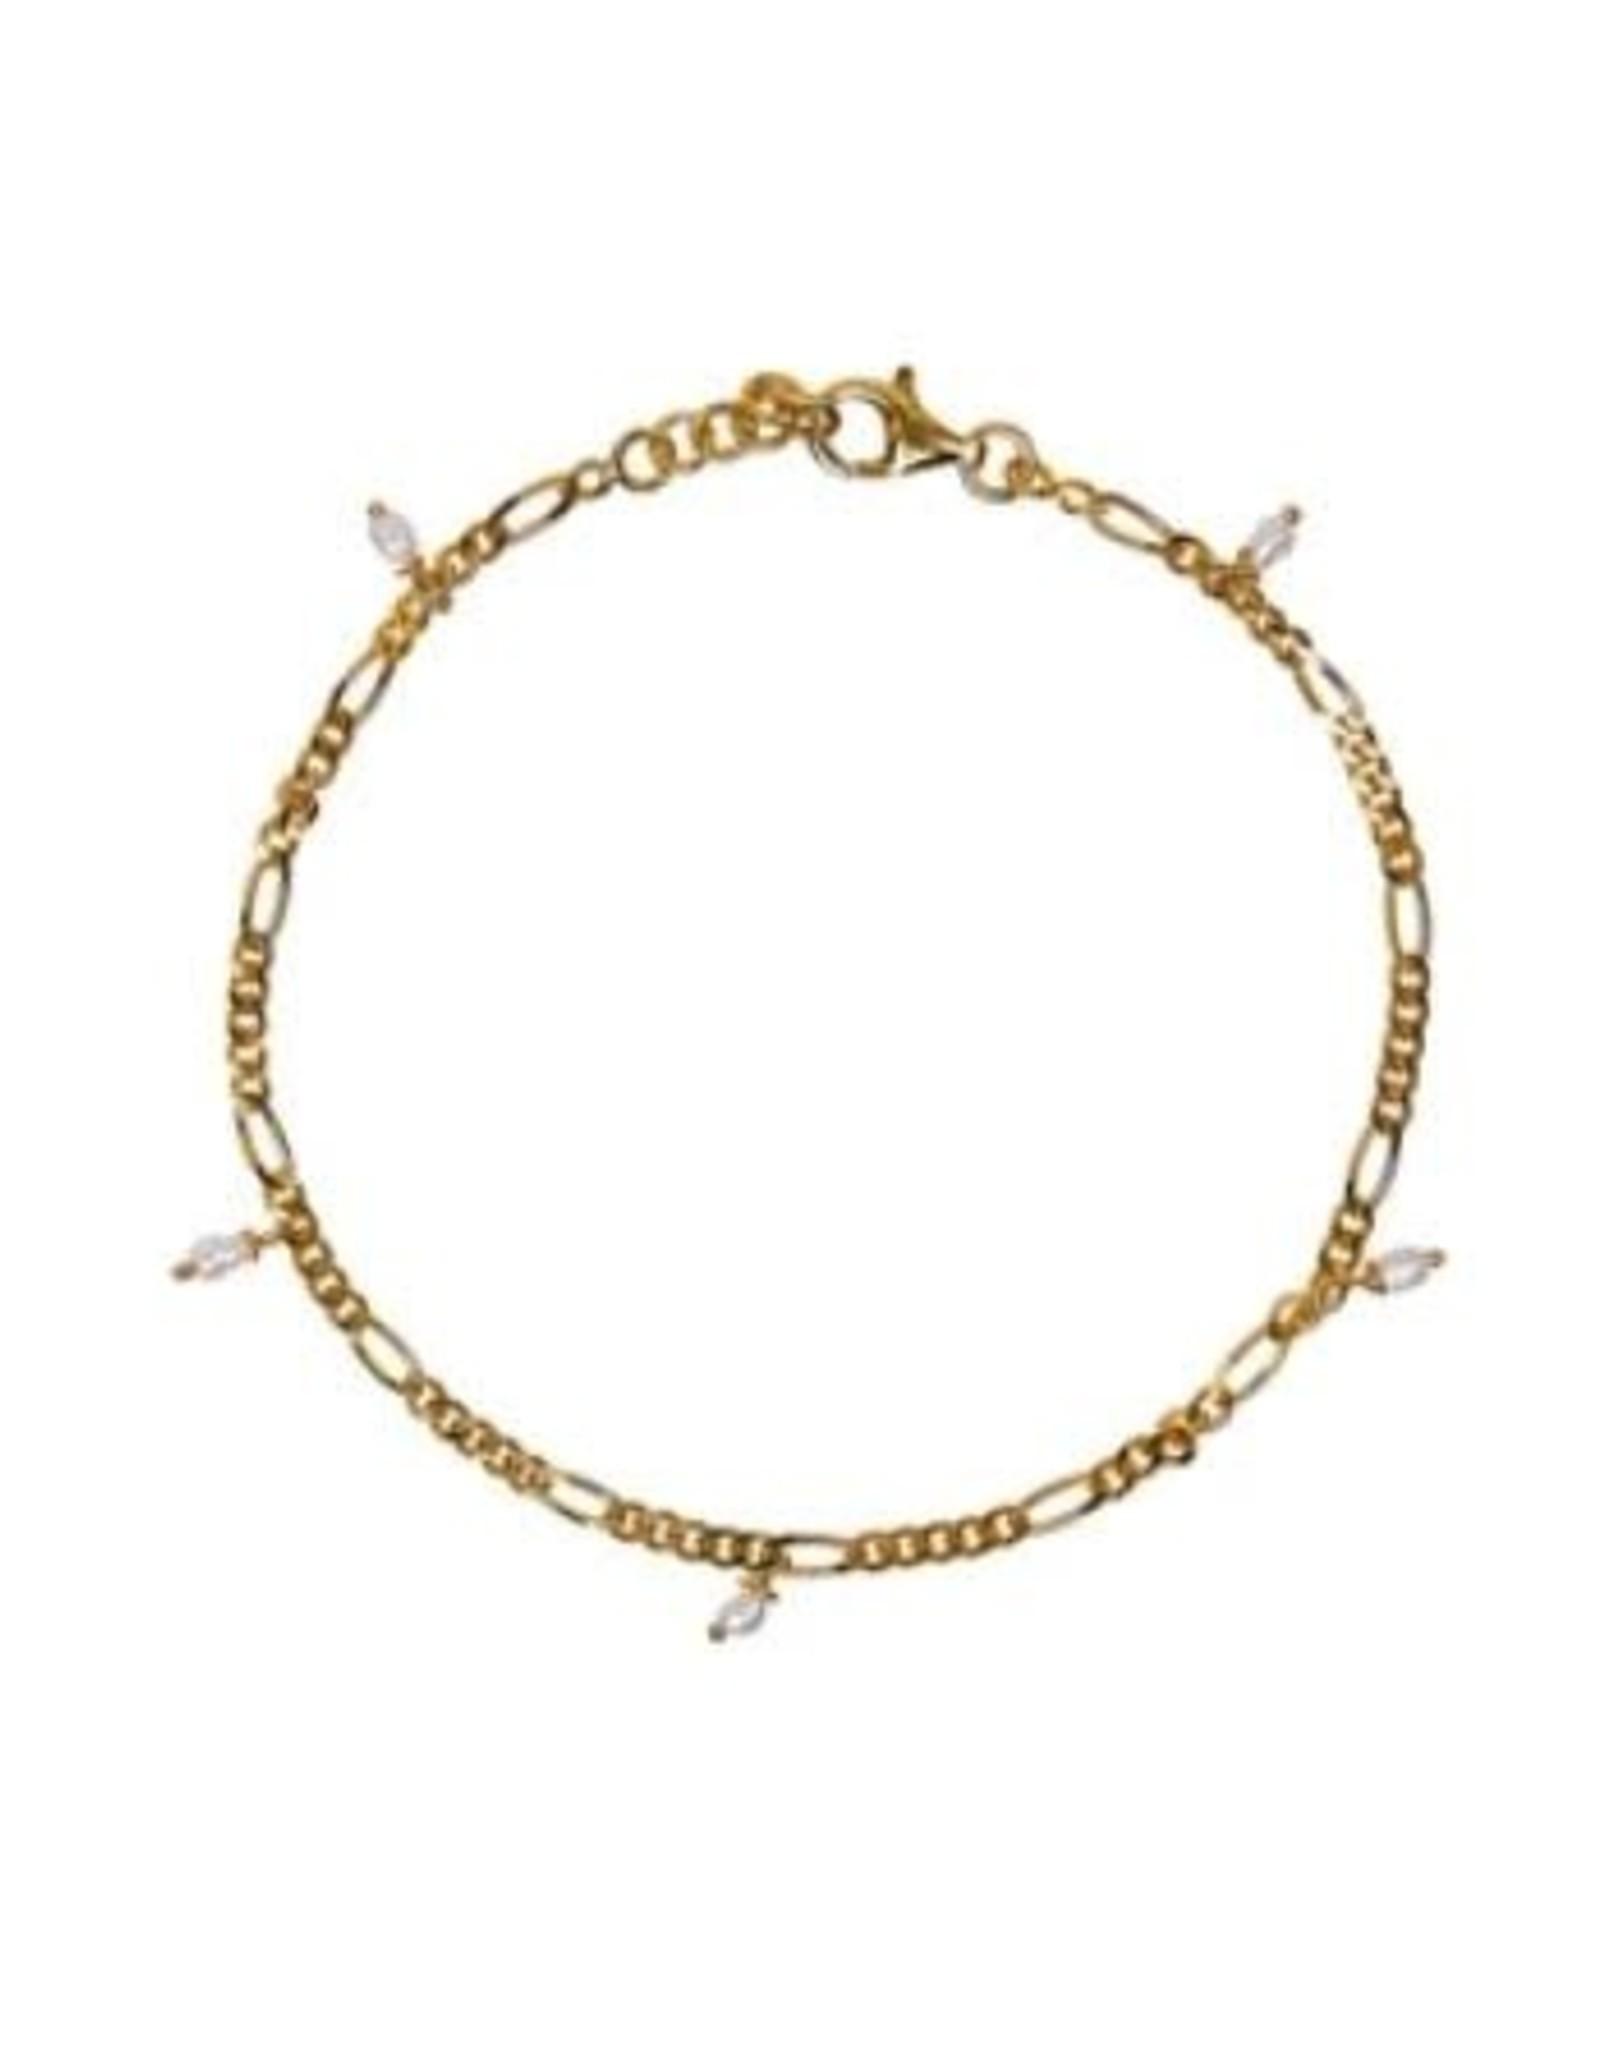 Xzota Xzota- Bracelet Figaro Small Pearl